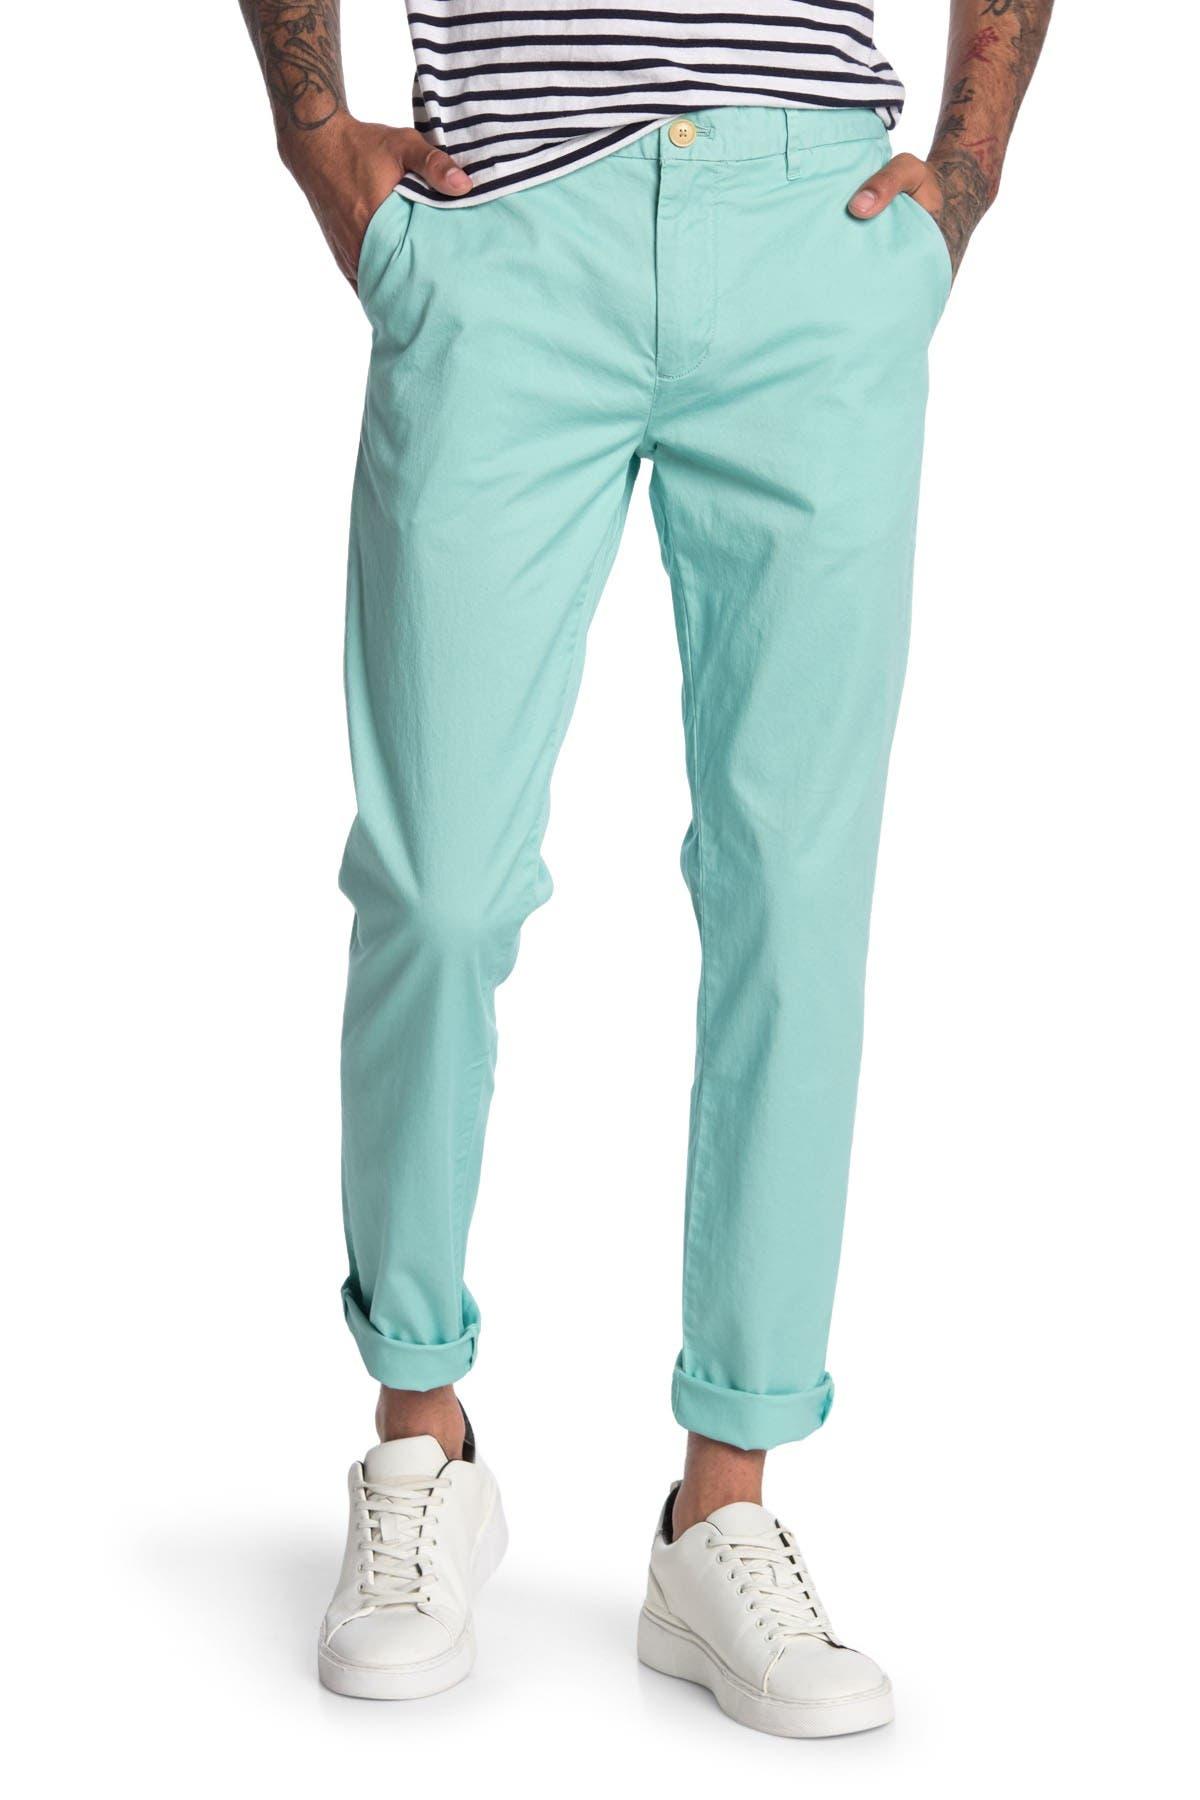 Image of Scotch & Soda Mott Classic Chino Pants